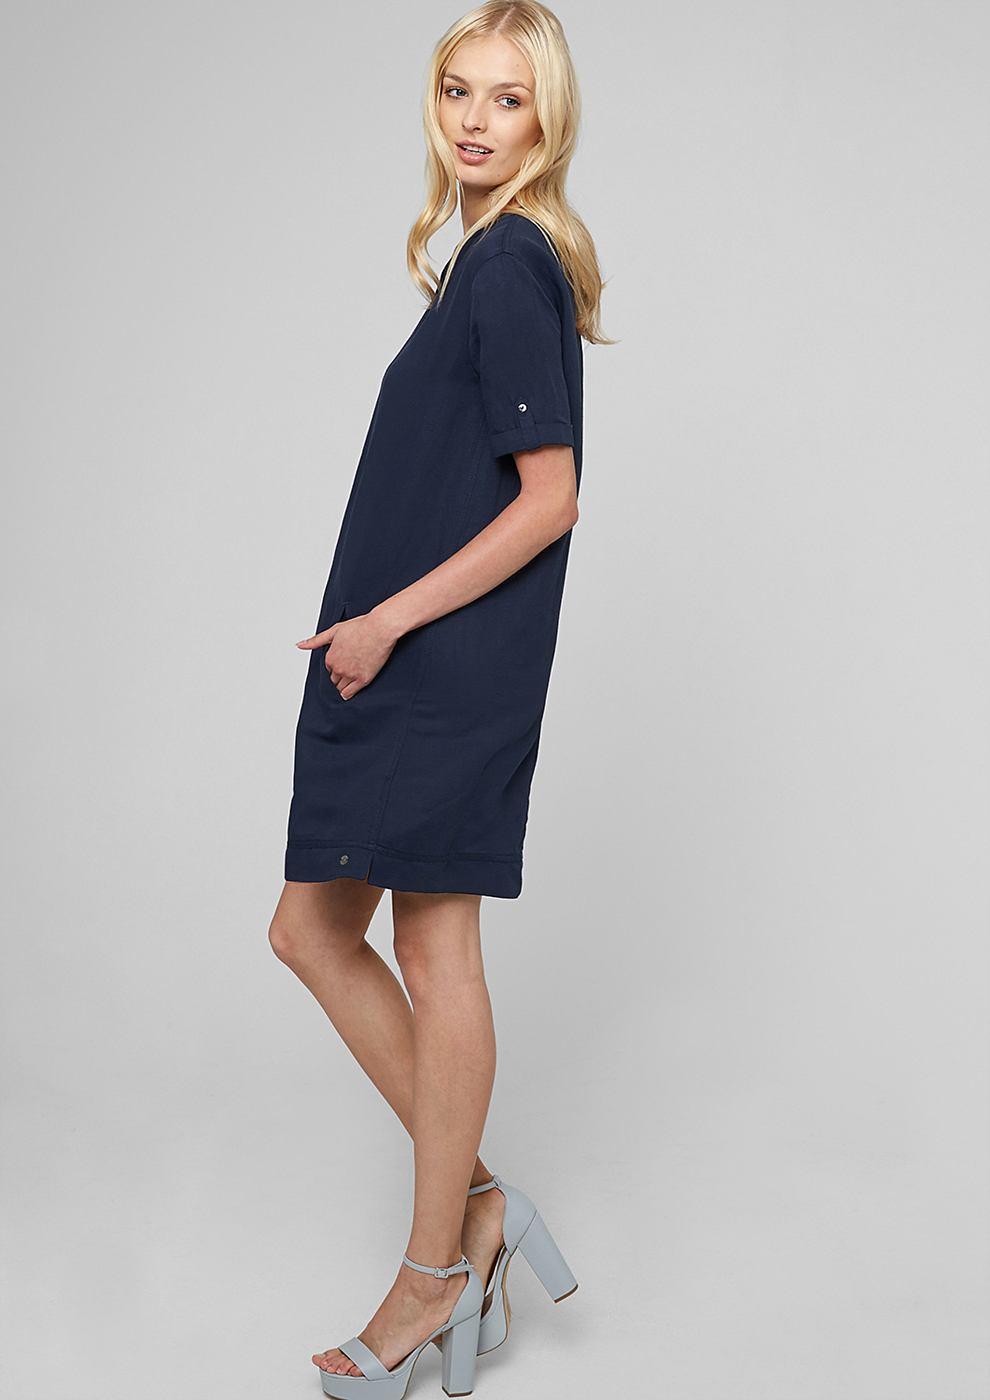 s.Oliver jurk van een linnenmix blauw